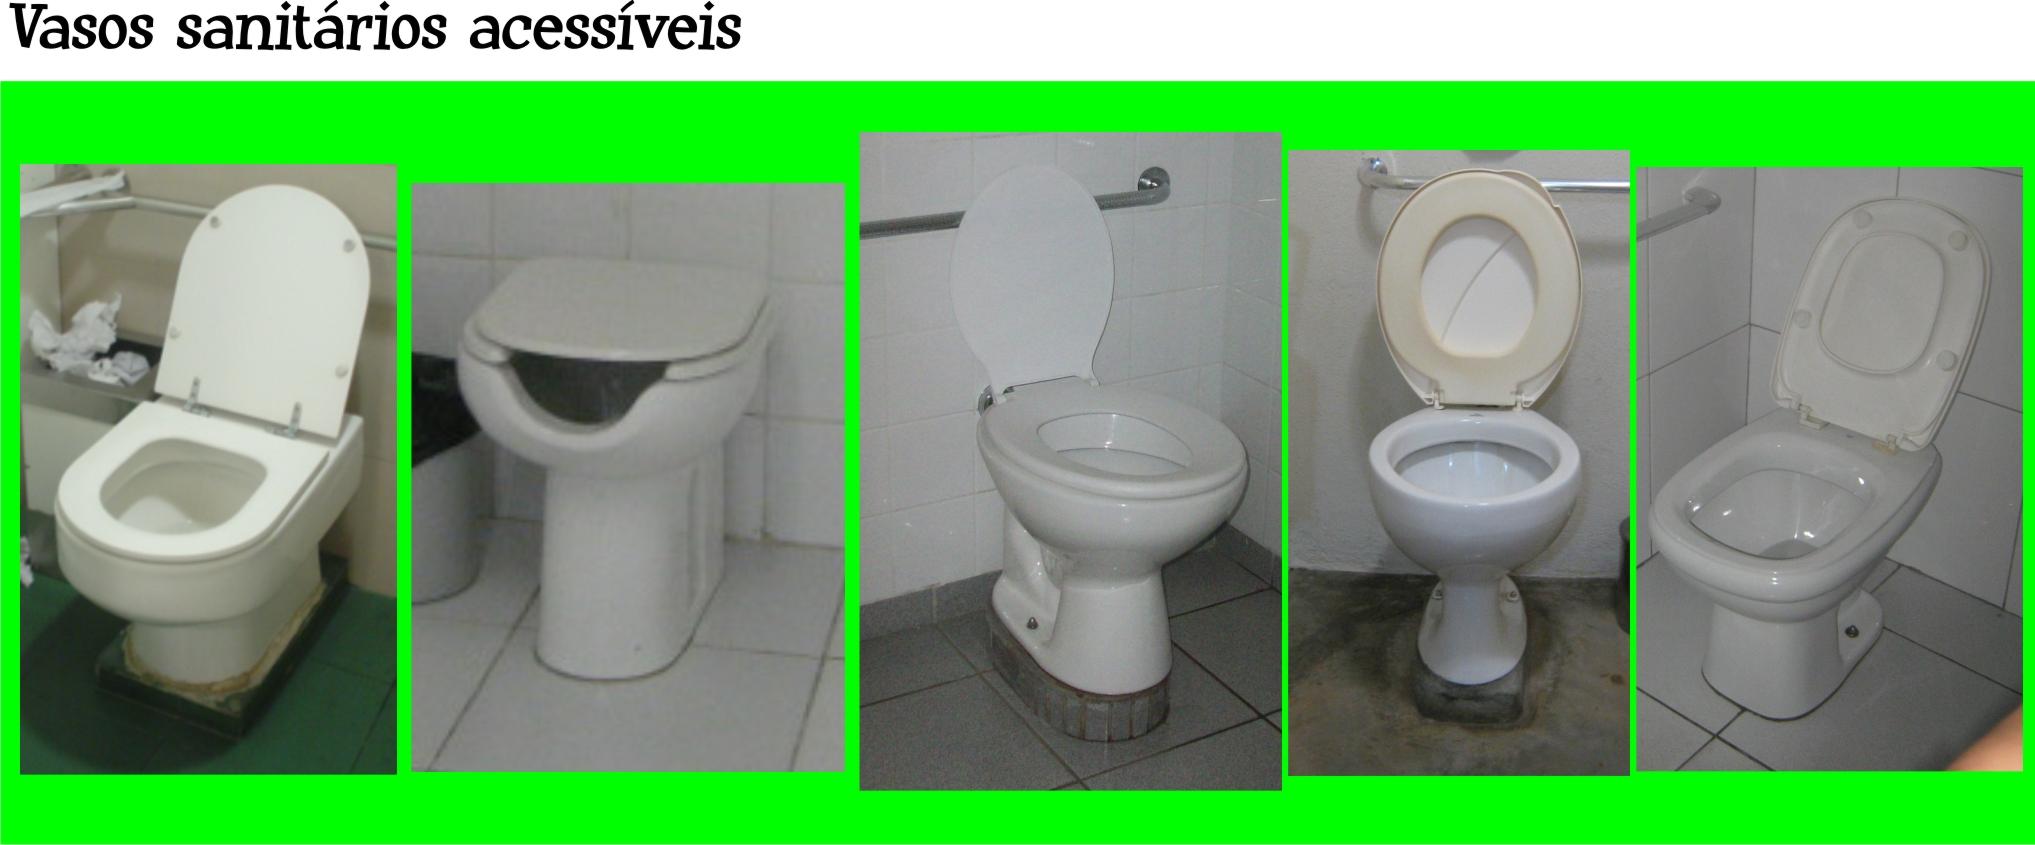 Veja alguns exemplos de vasos acessíveis: #04C704 2035x845 Adaptação Banheiro Cadeirante